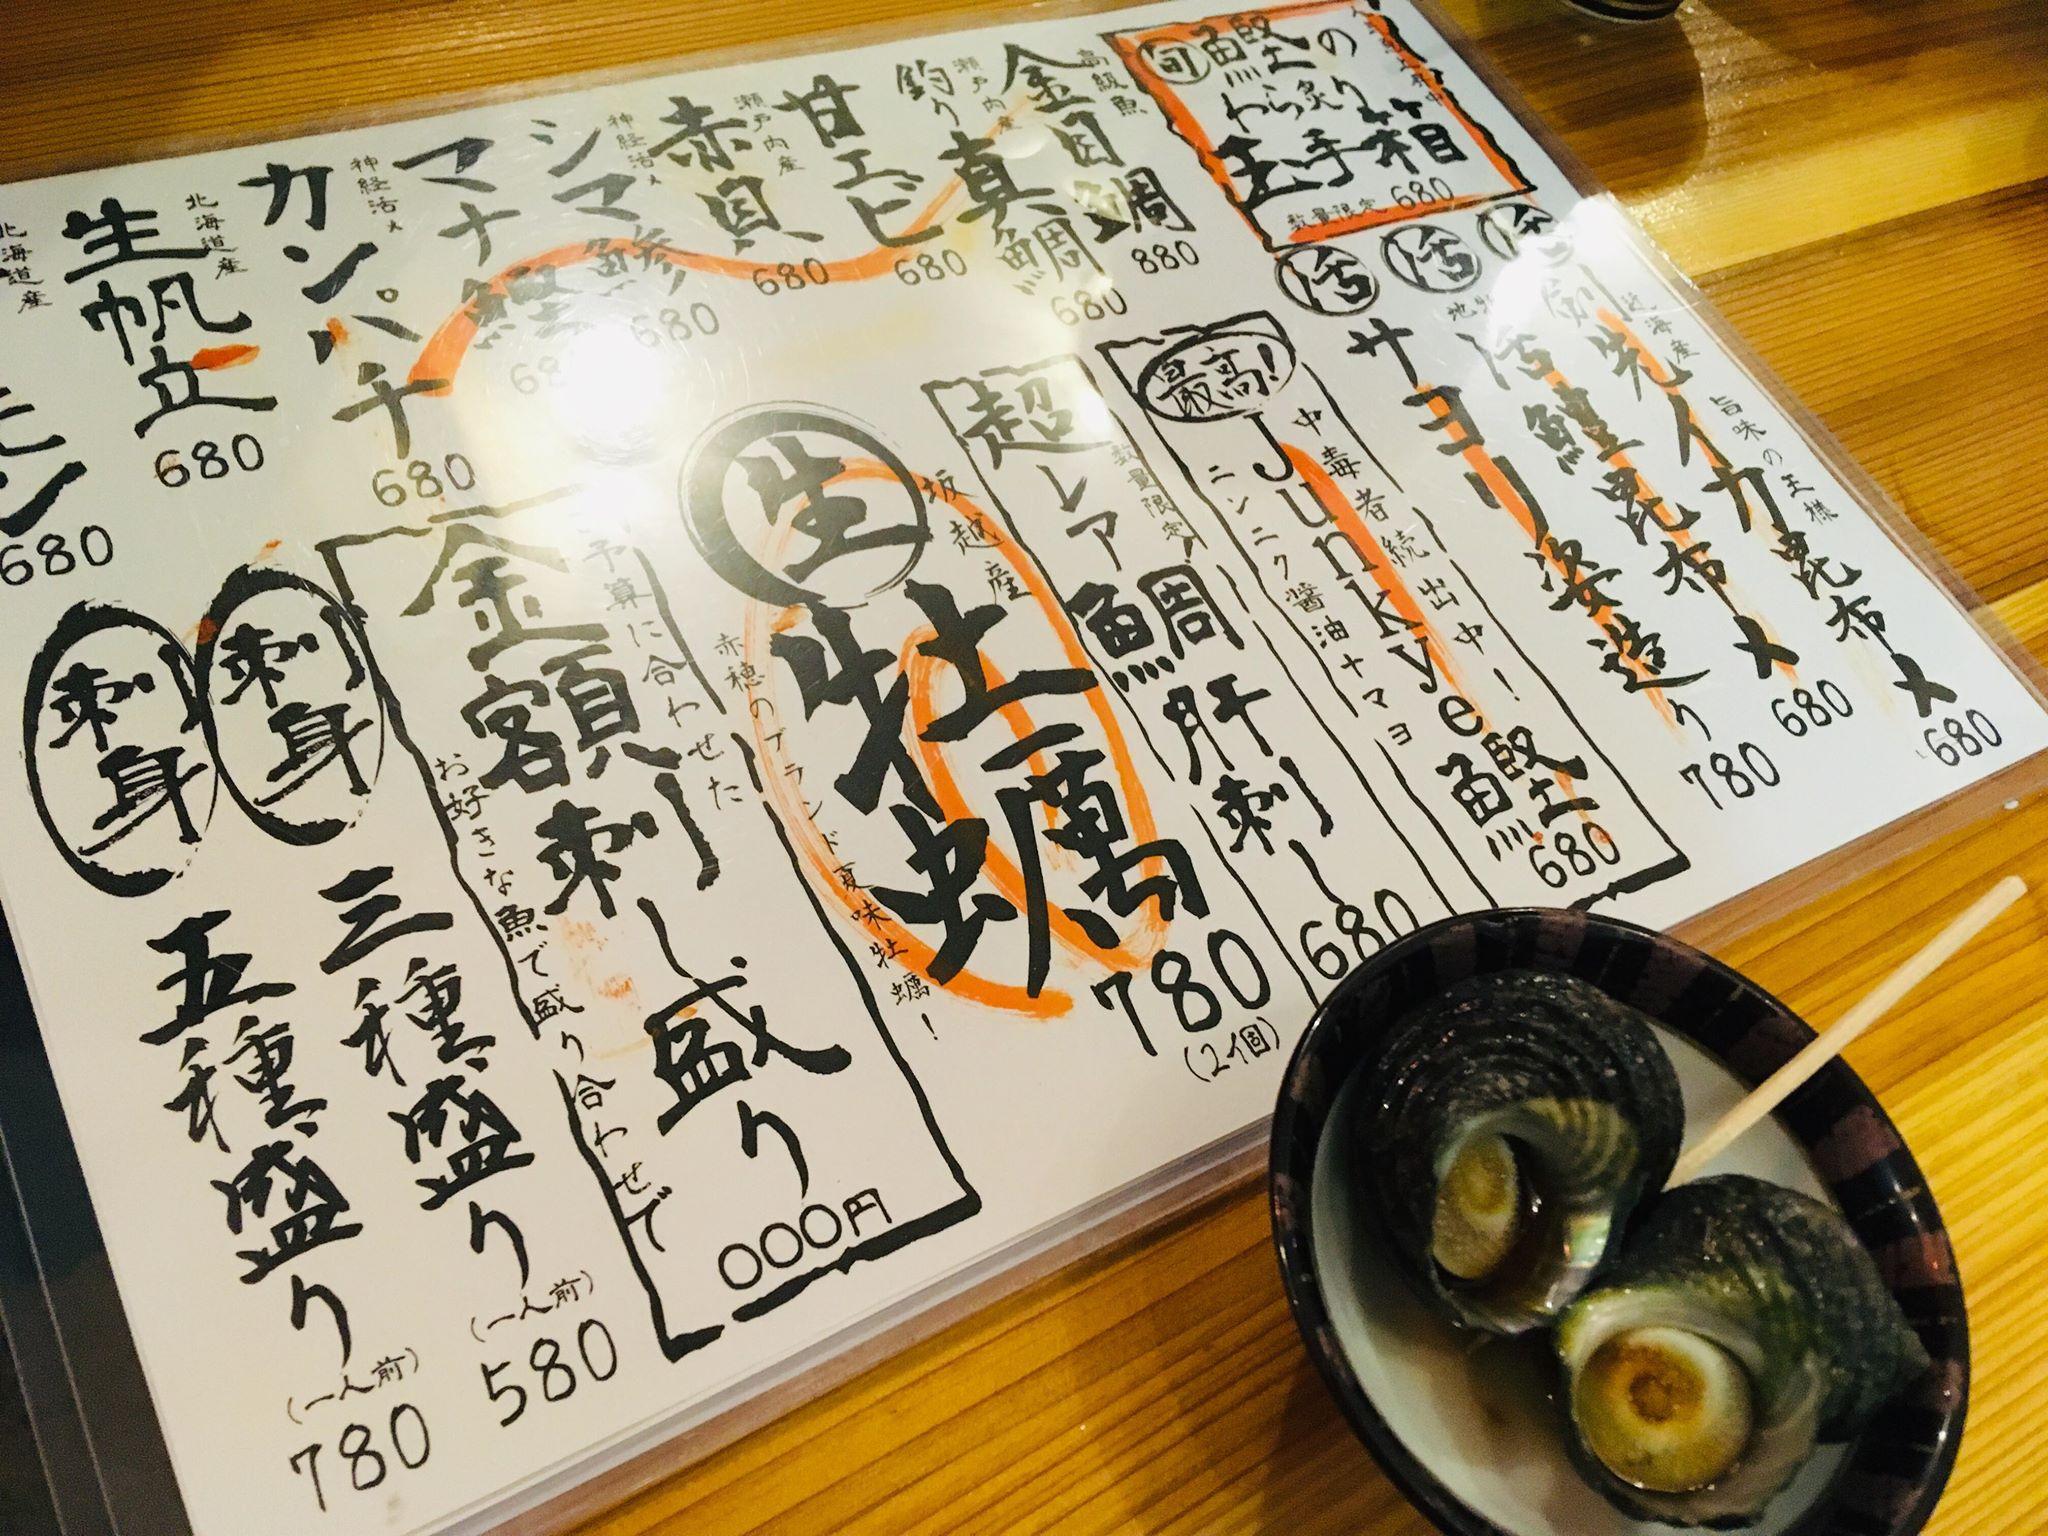 地産仕様ひめじバル 魚屋 参加店